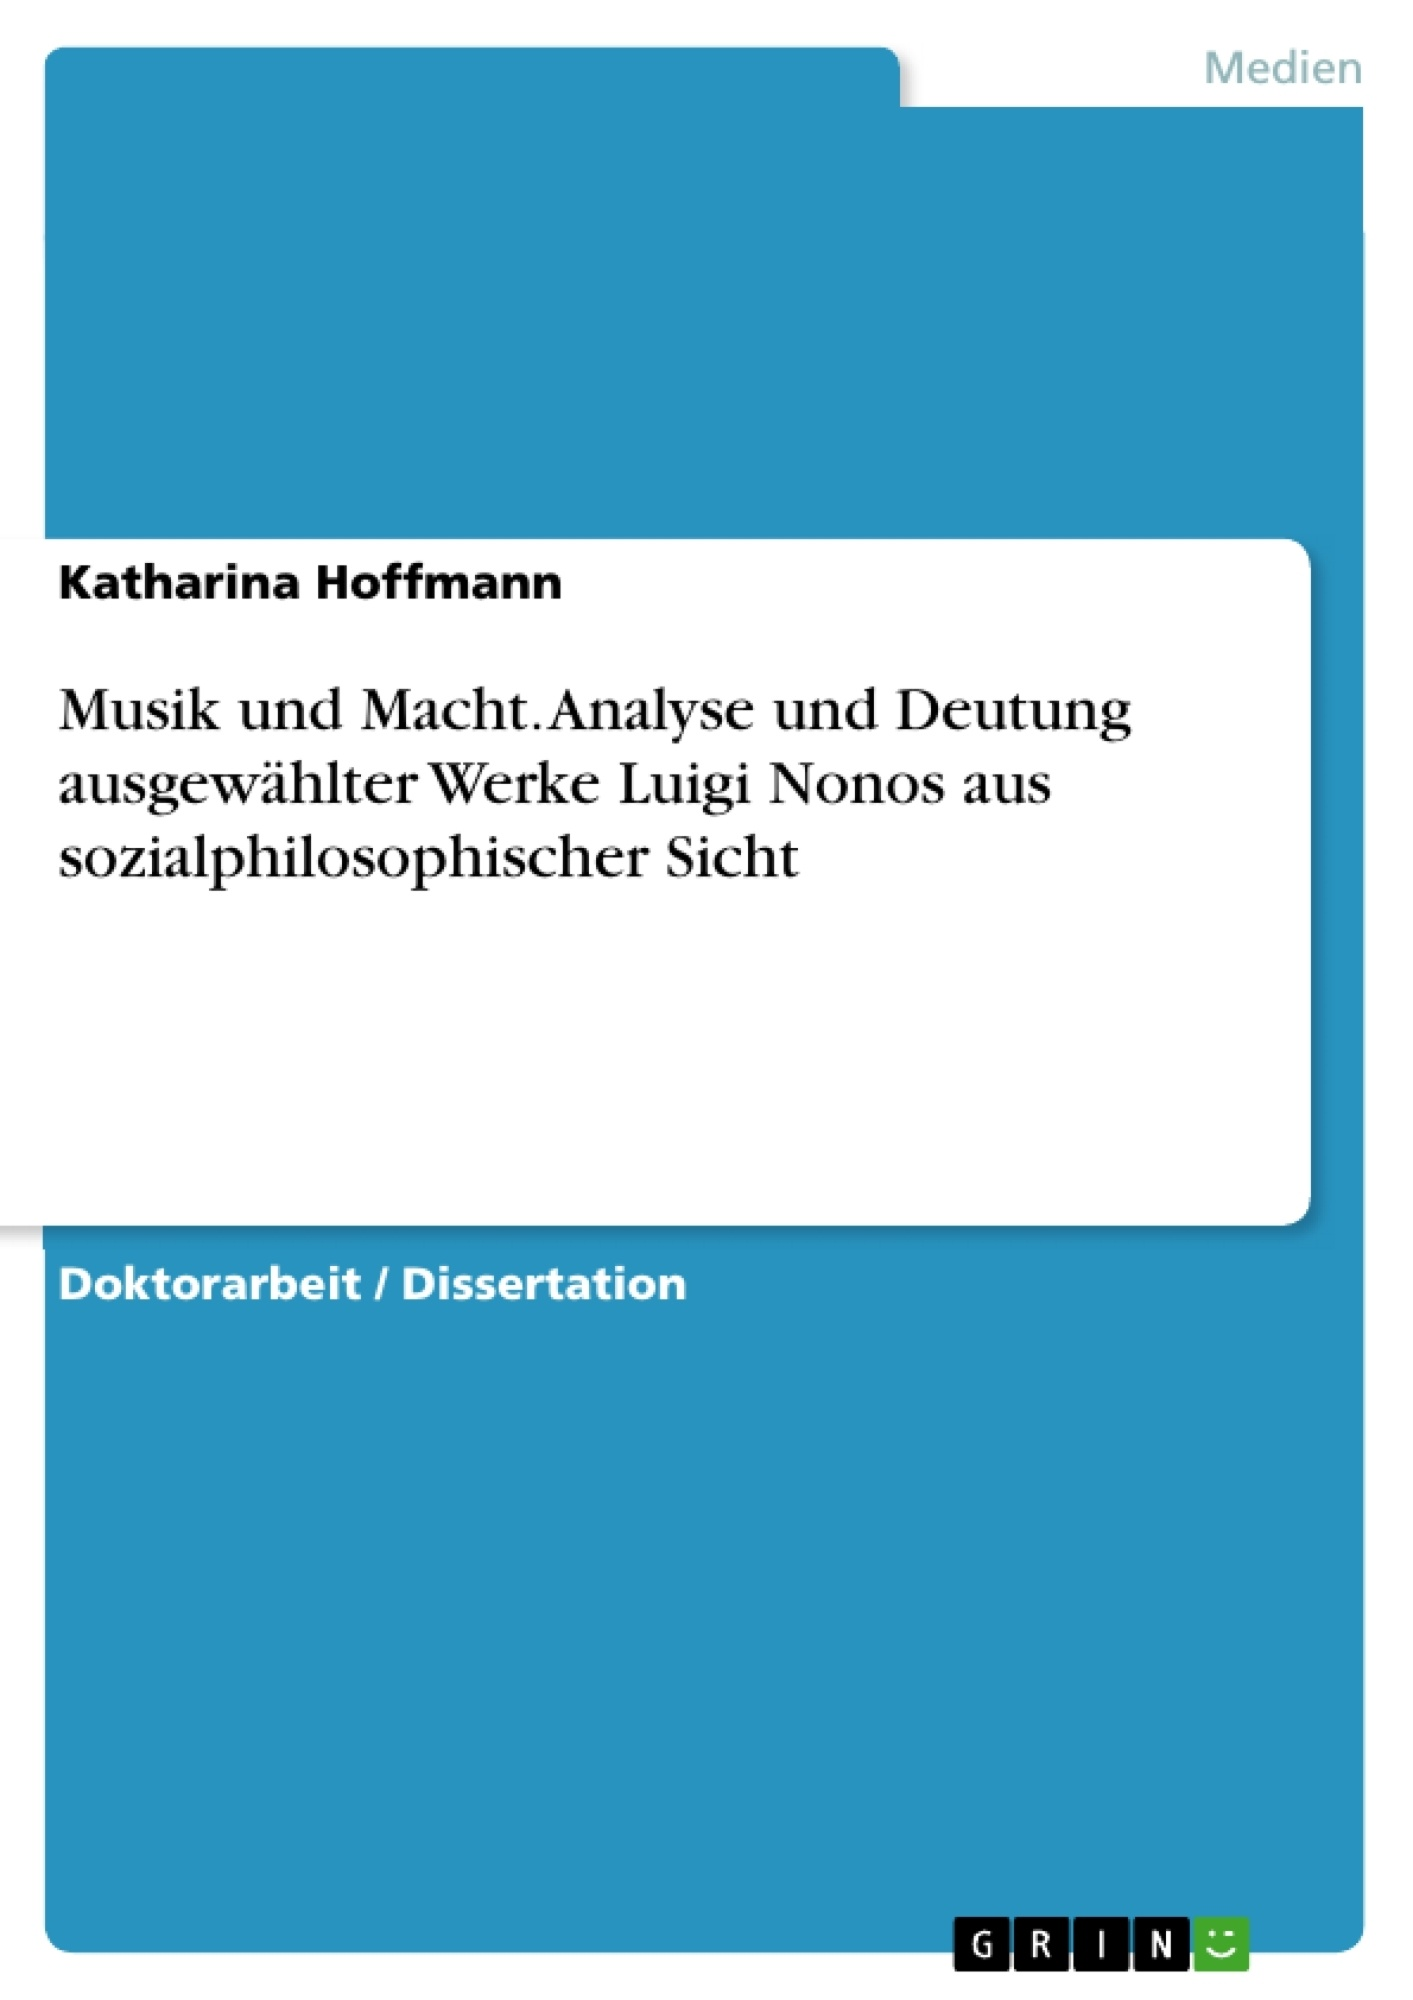 Titel: Musik und Macht. Analyse und Deutung ausgewählter Werke Luigi Nonos aus sozialphilosophischer Sicht